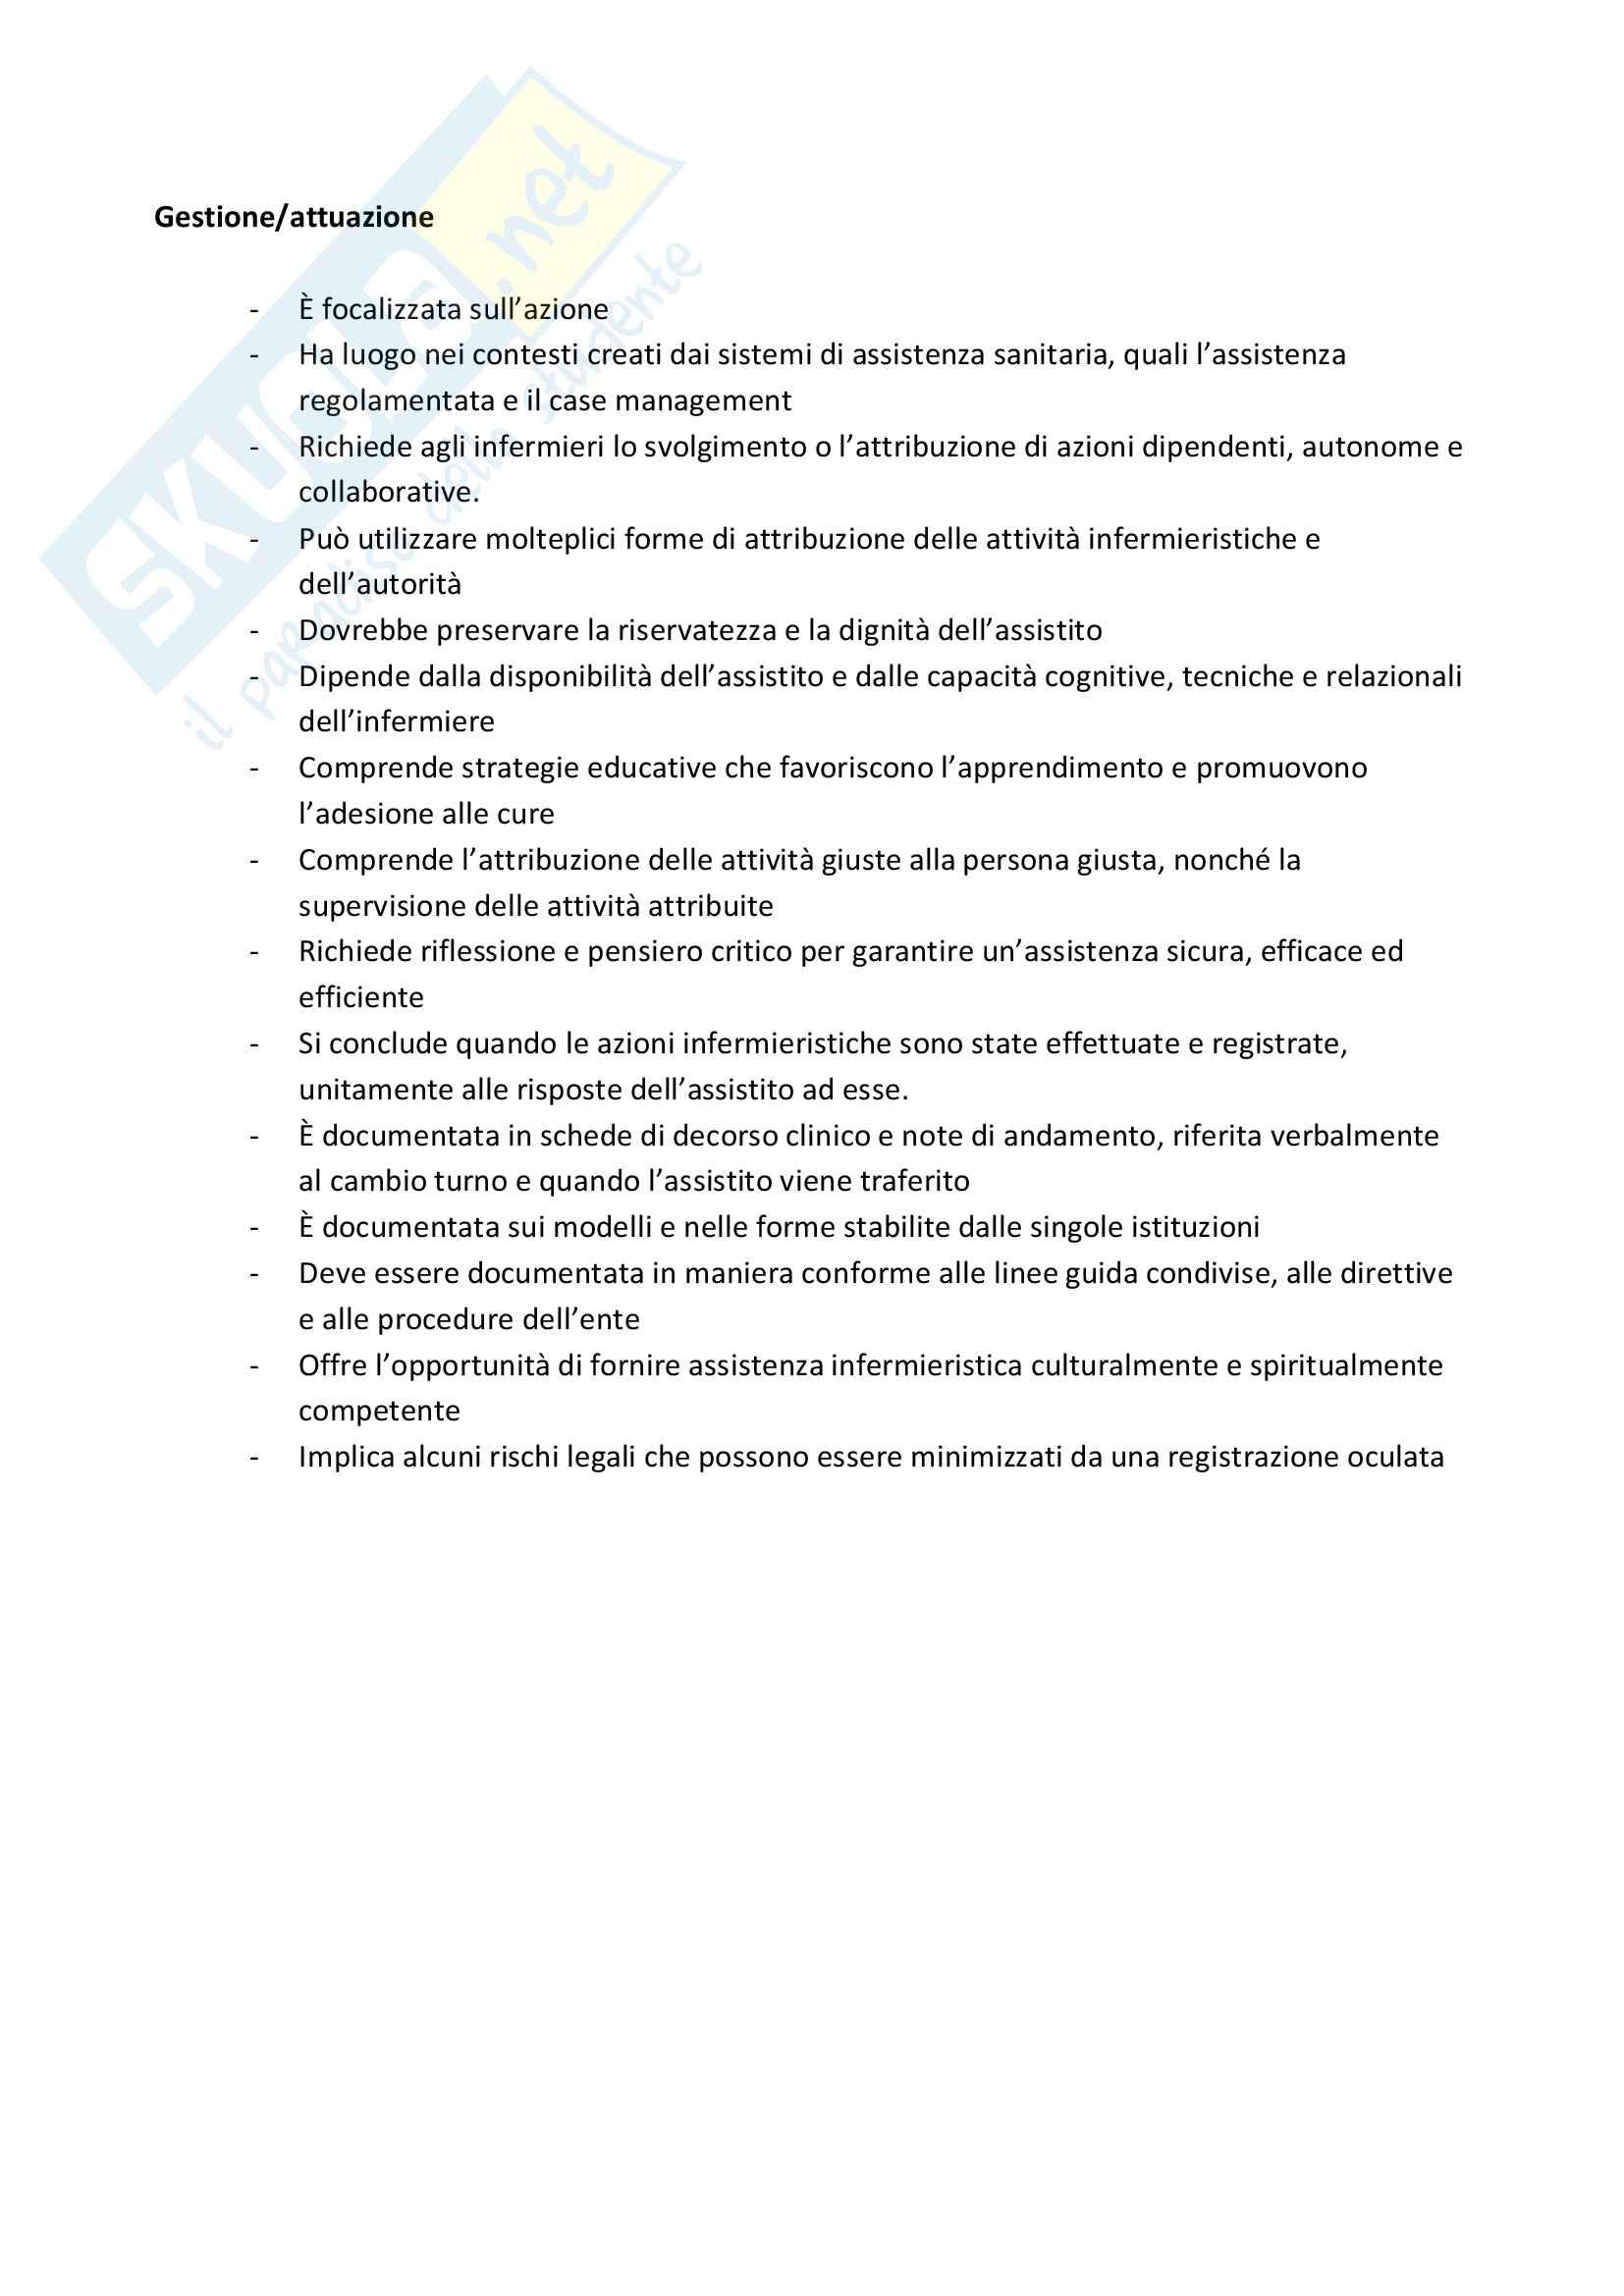 Processo infermieristico e pensiero critico Pag. 6